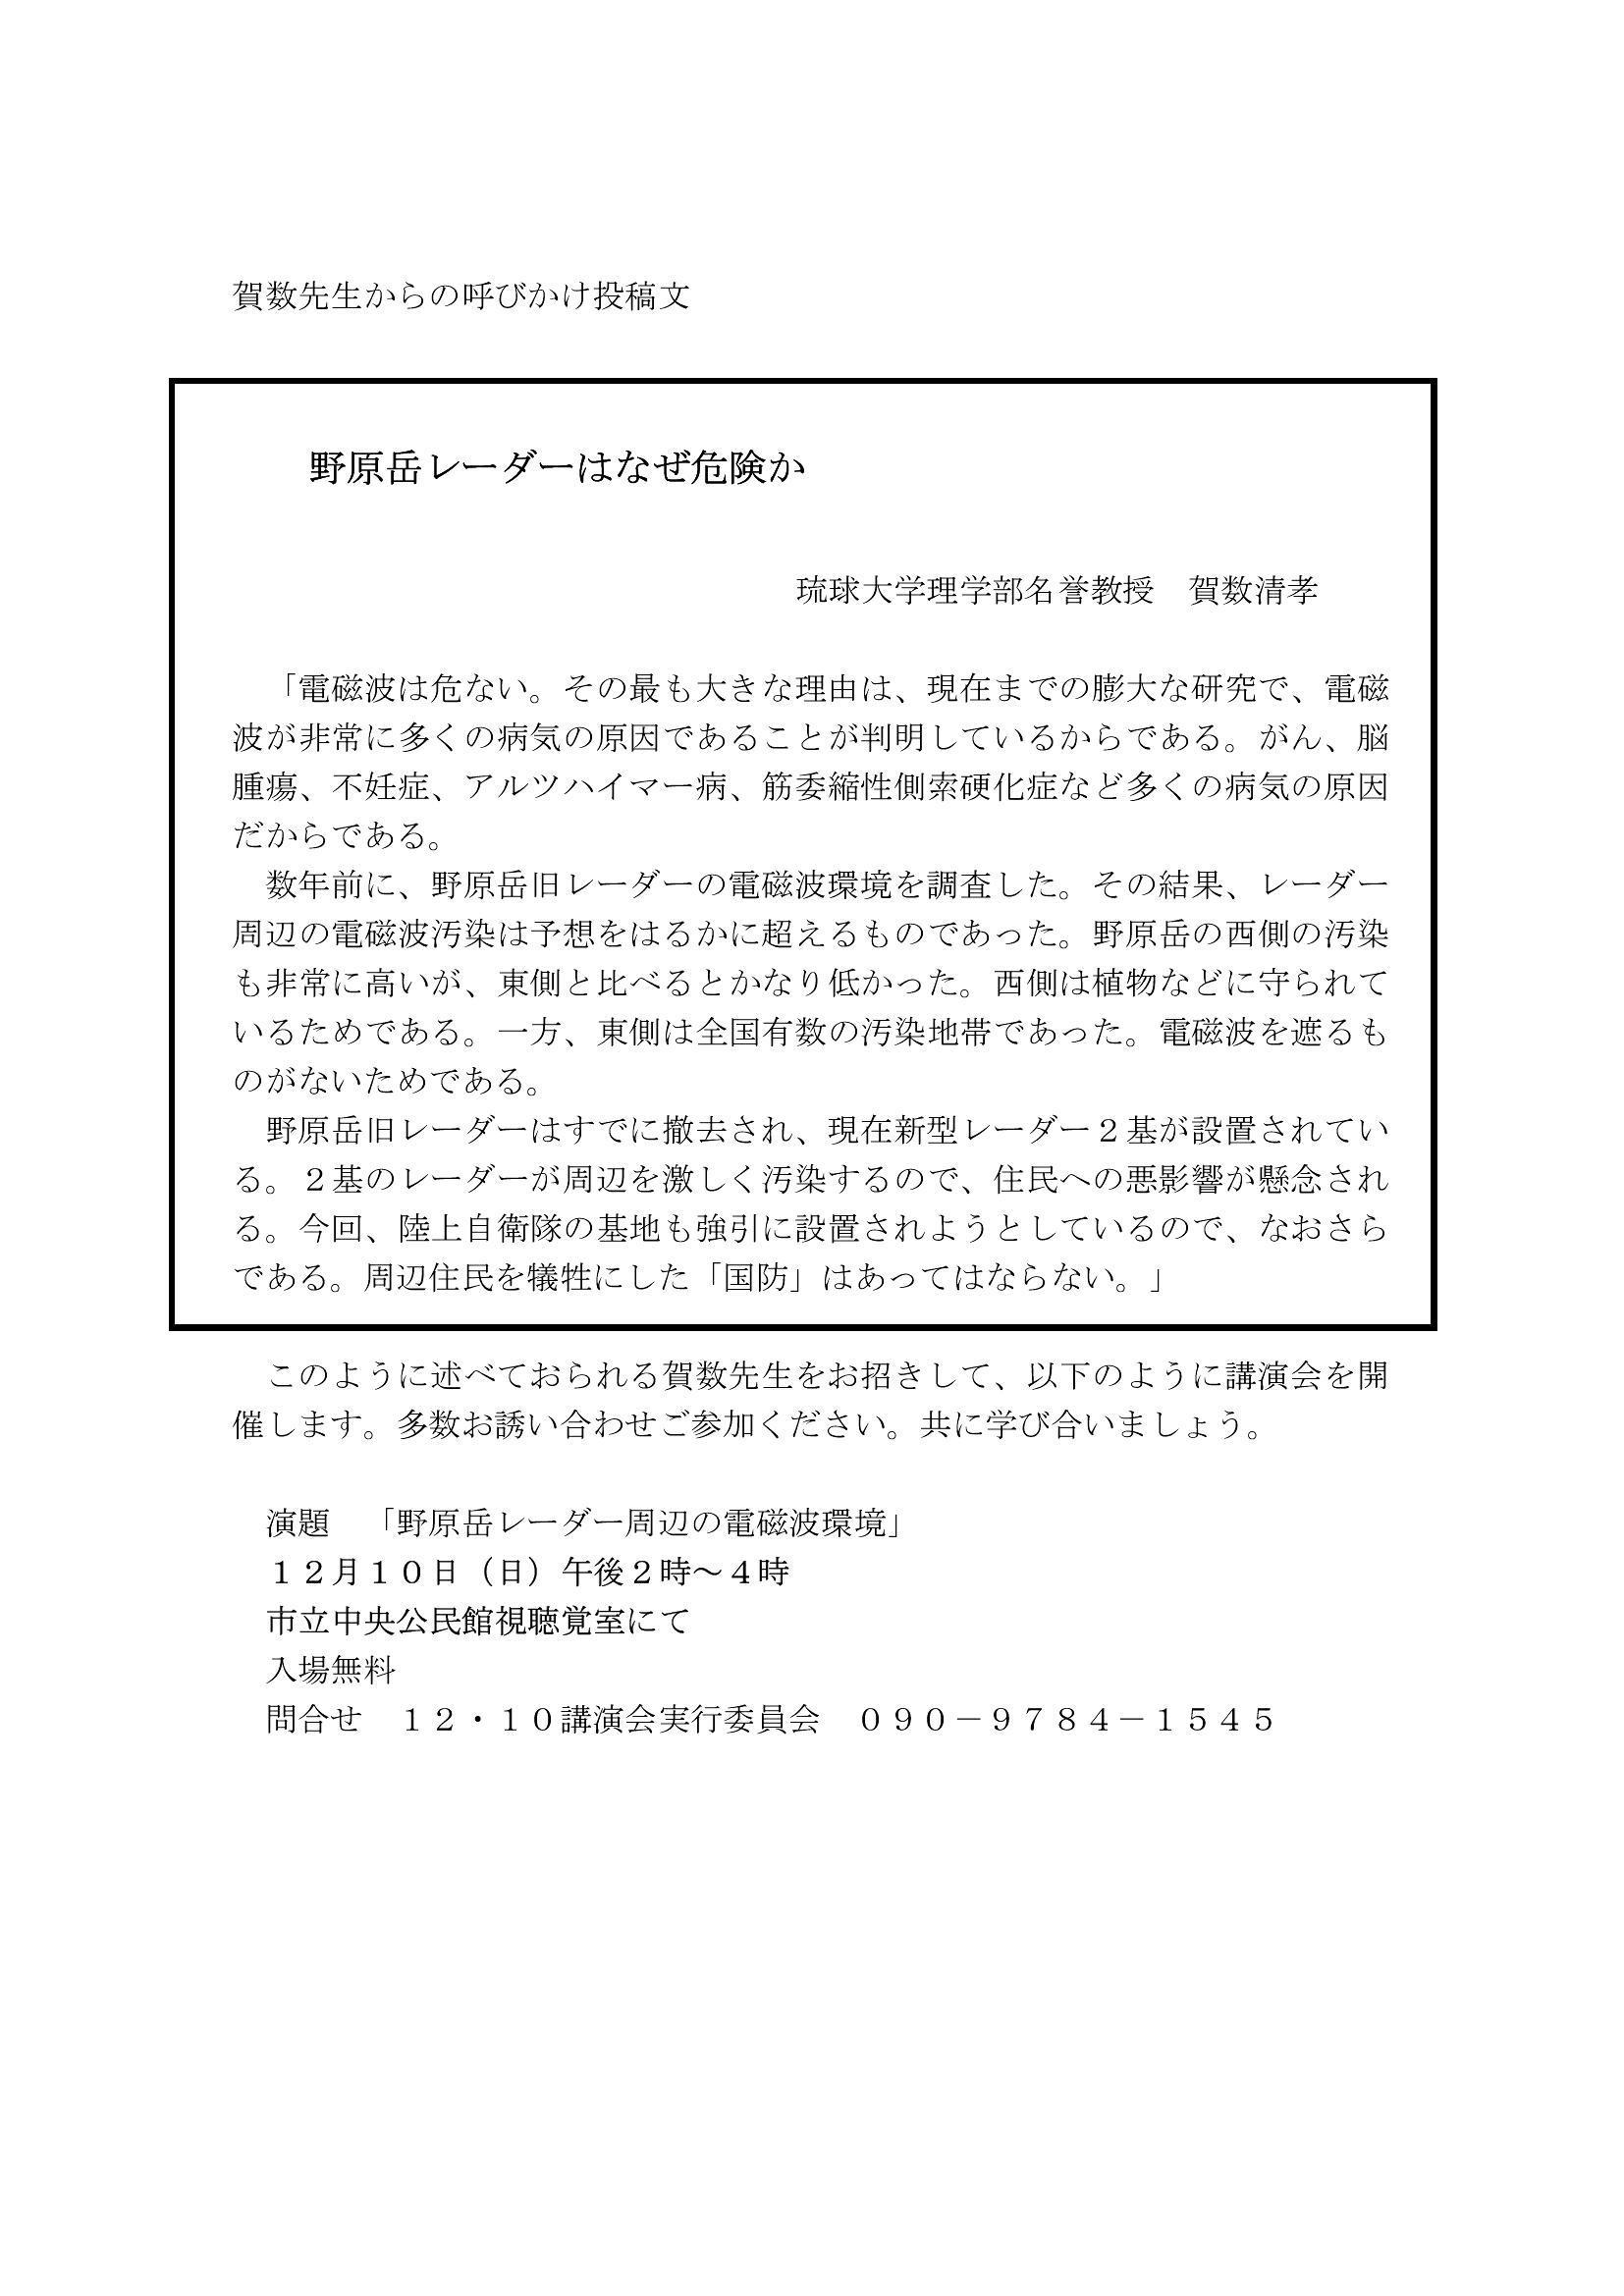 賀数先生からの呼びかけ投稿文